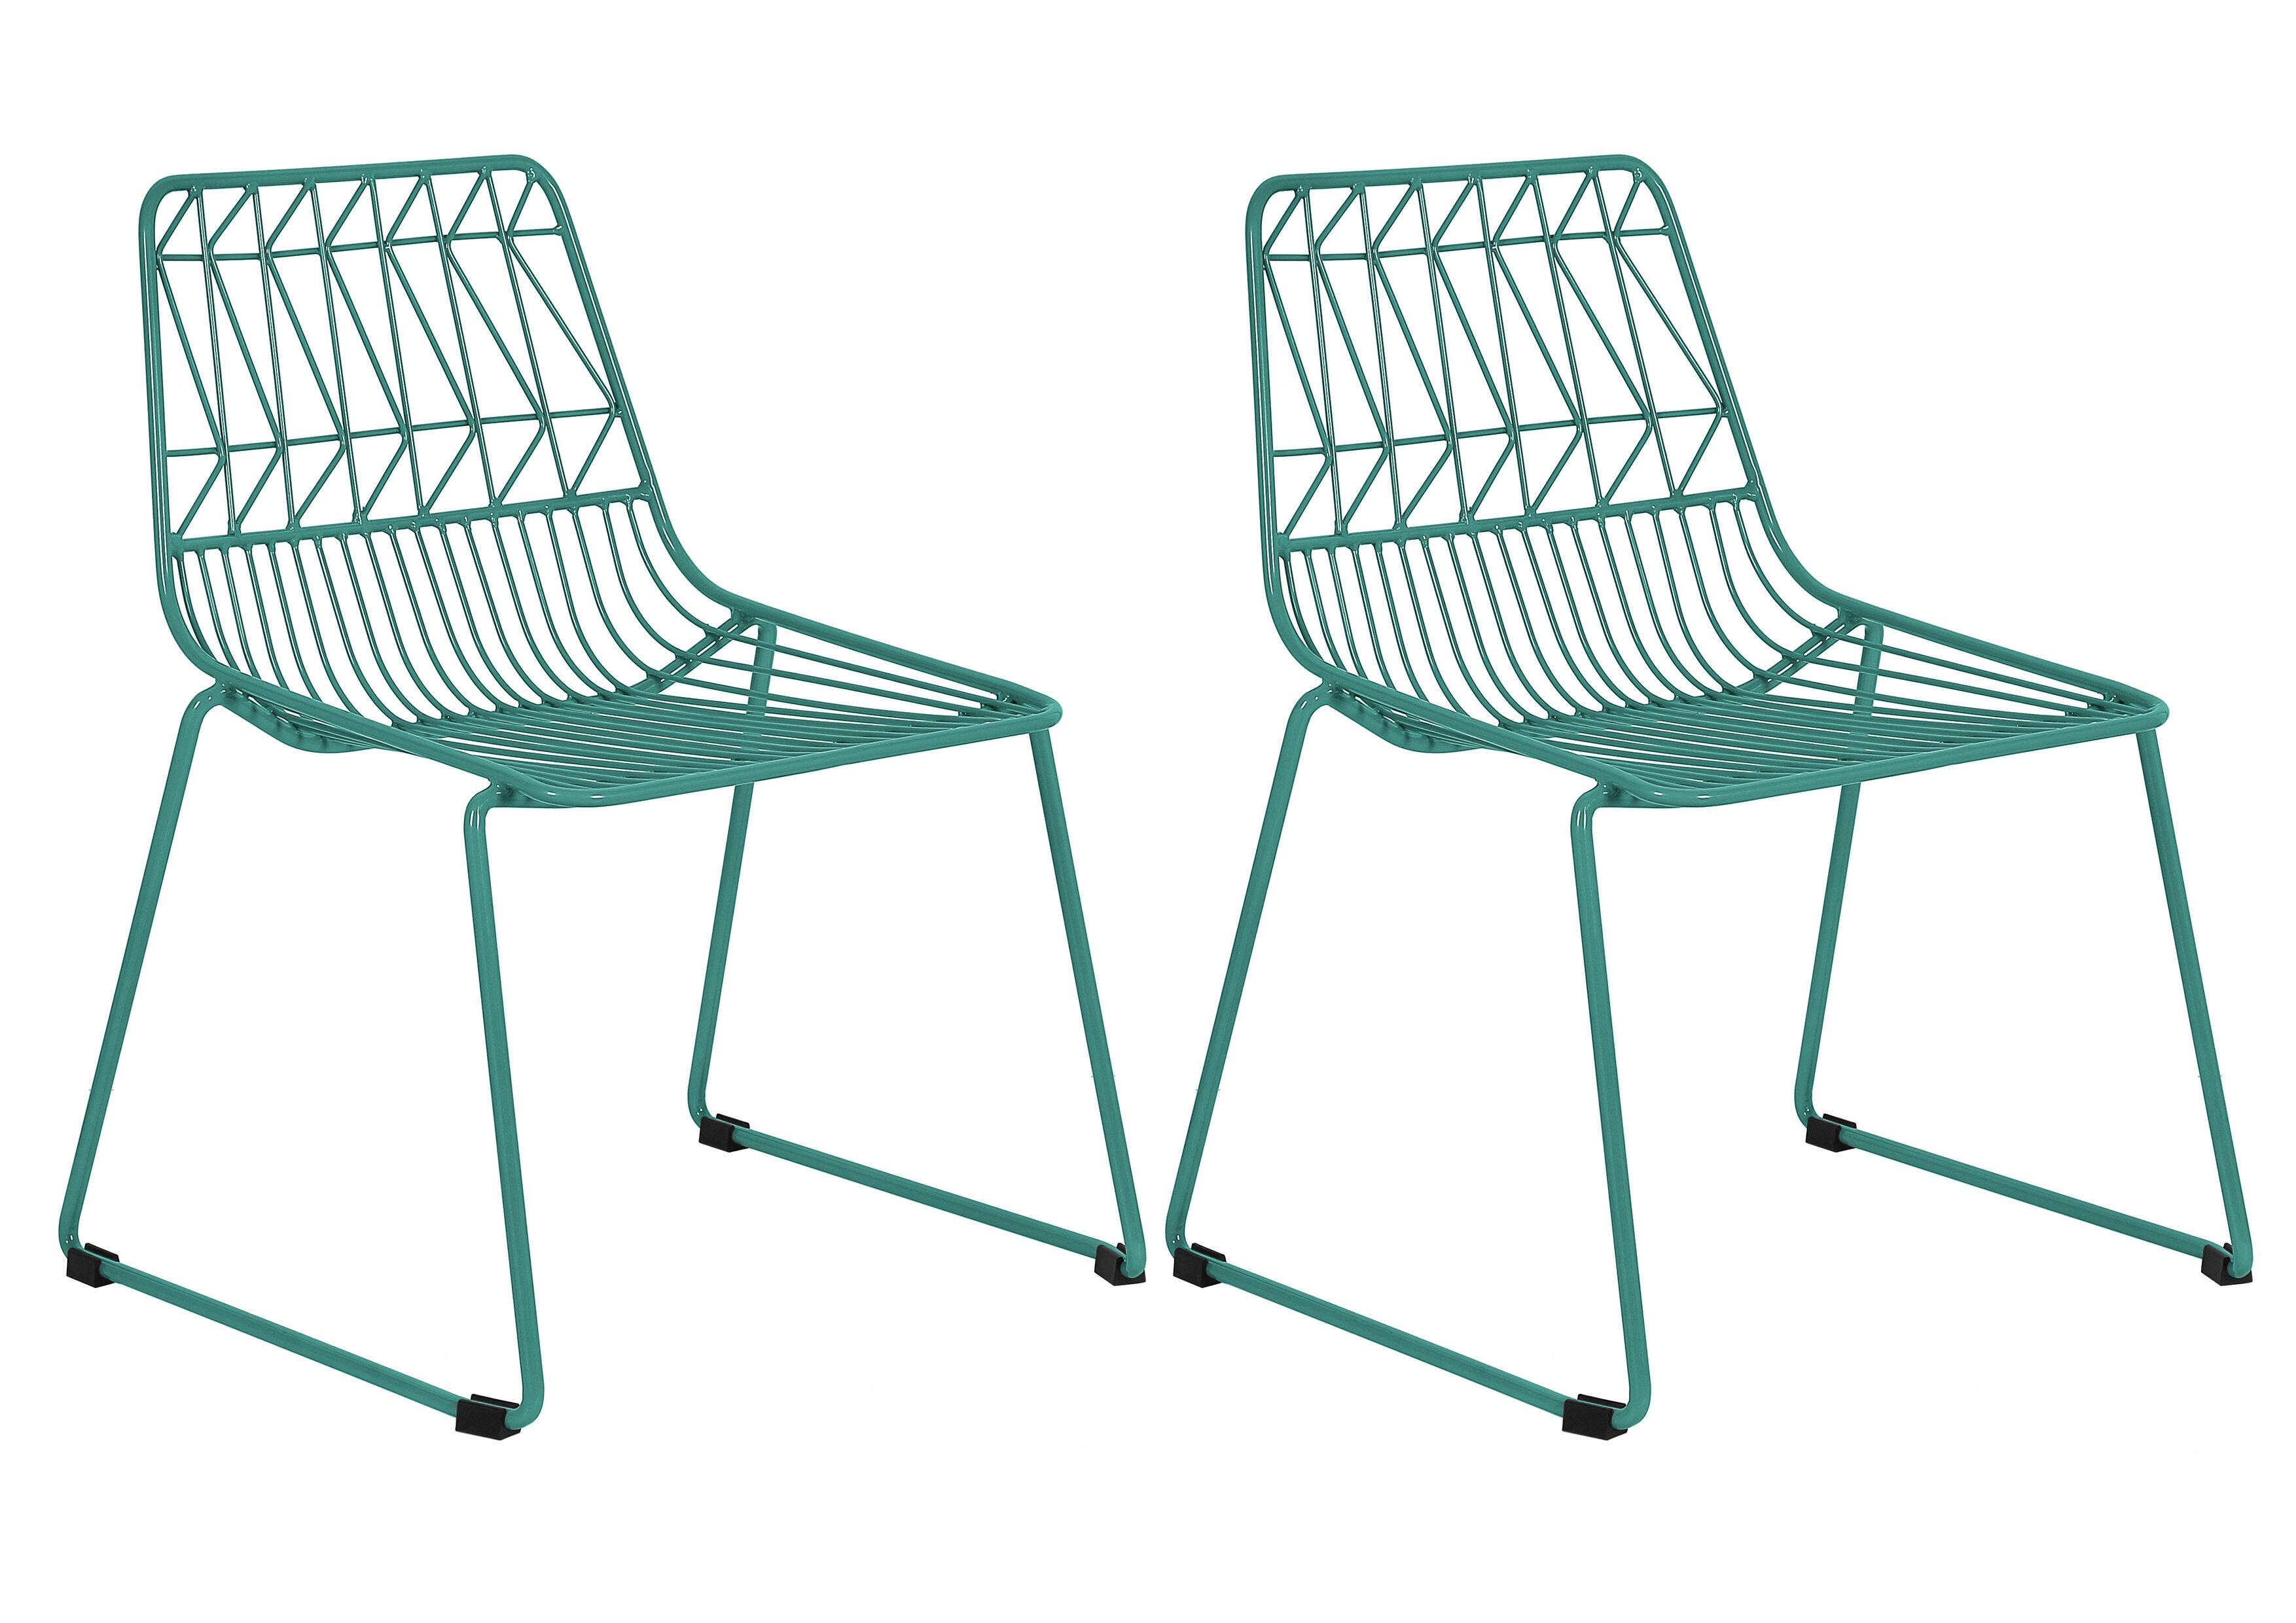 Surprising Hiott Cross Wire Activity Kids Chair Interior Design Ideas Gentotryabchikinfo